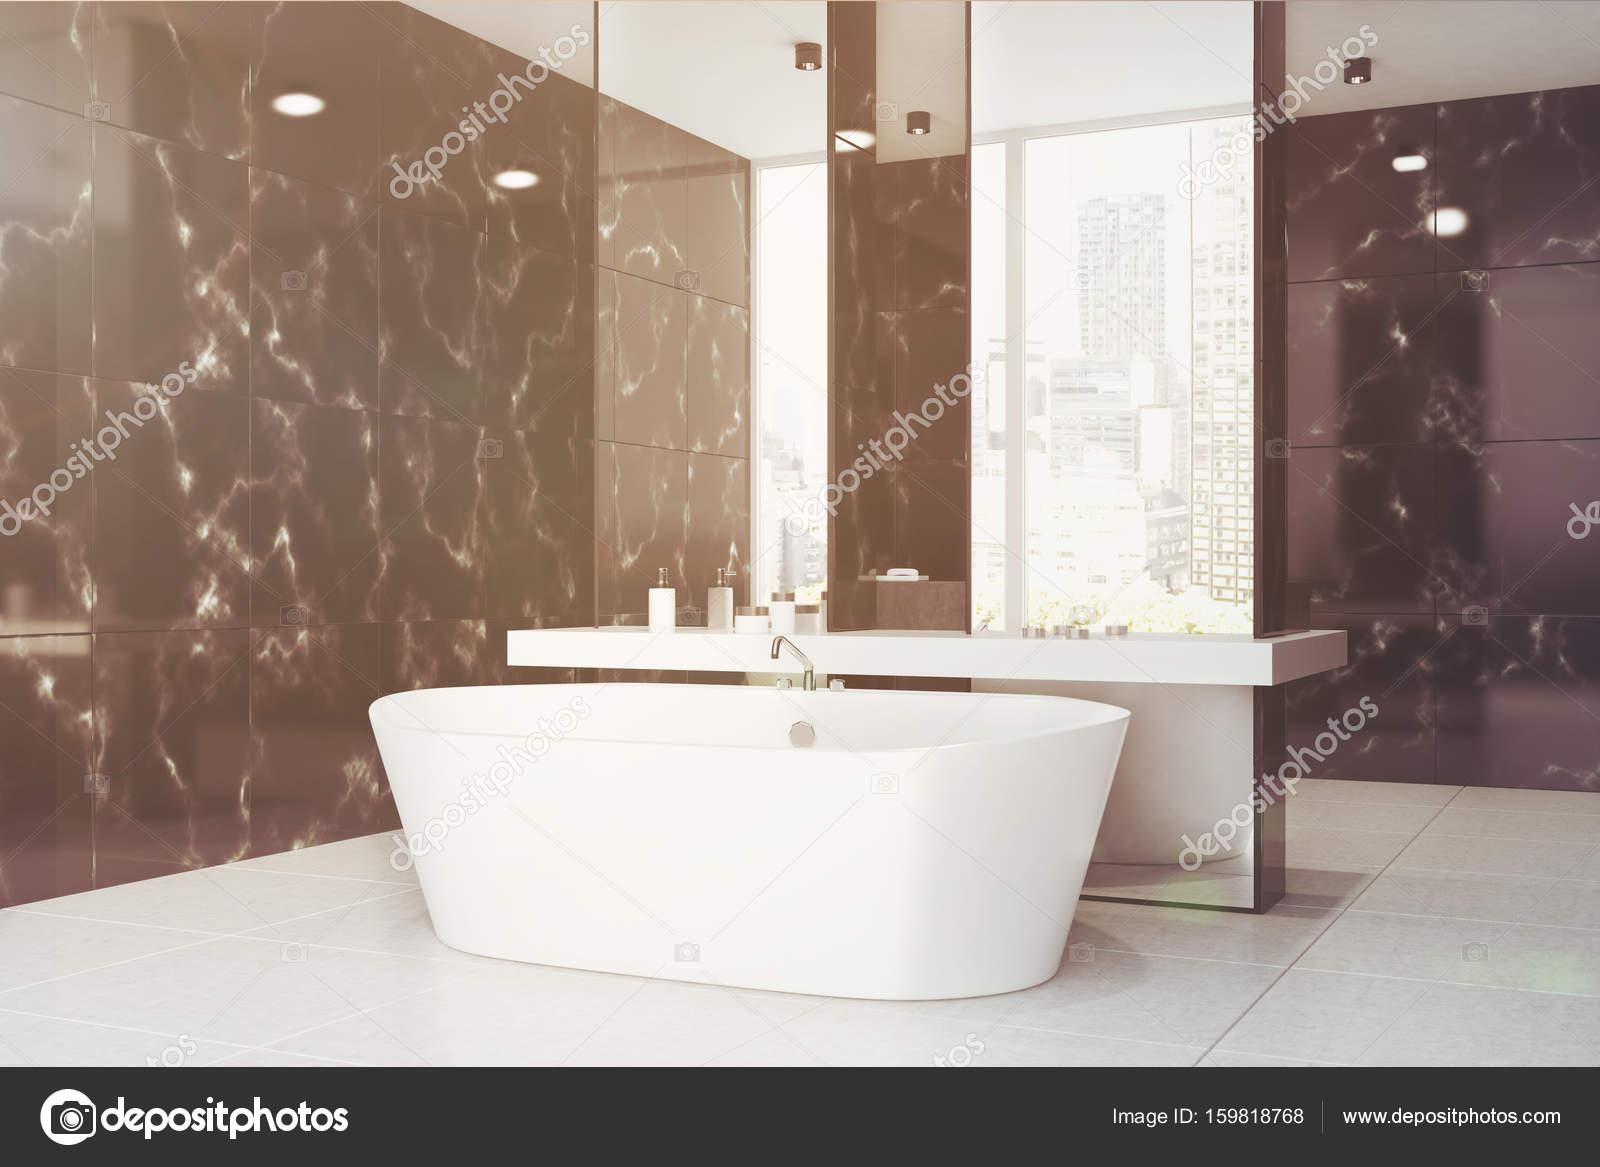 Bagni In Marmo Nero : Nero bagno in marmo lavandino vasca lato tonico u foto stock